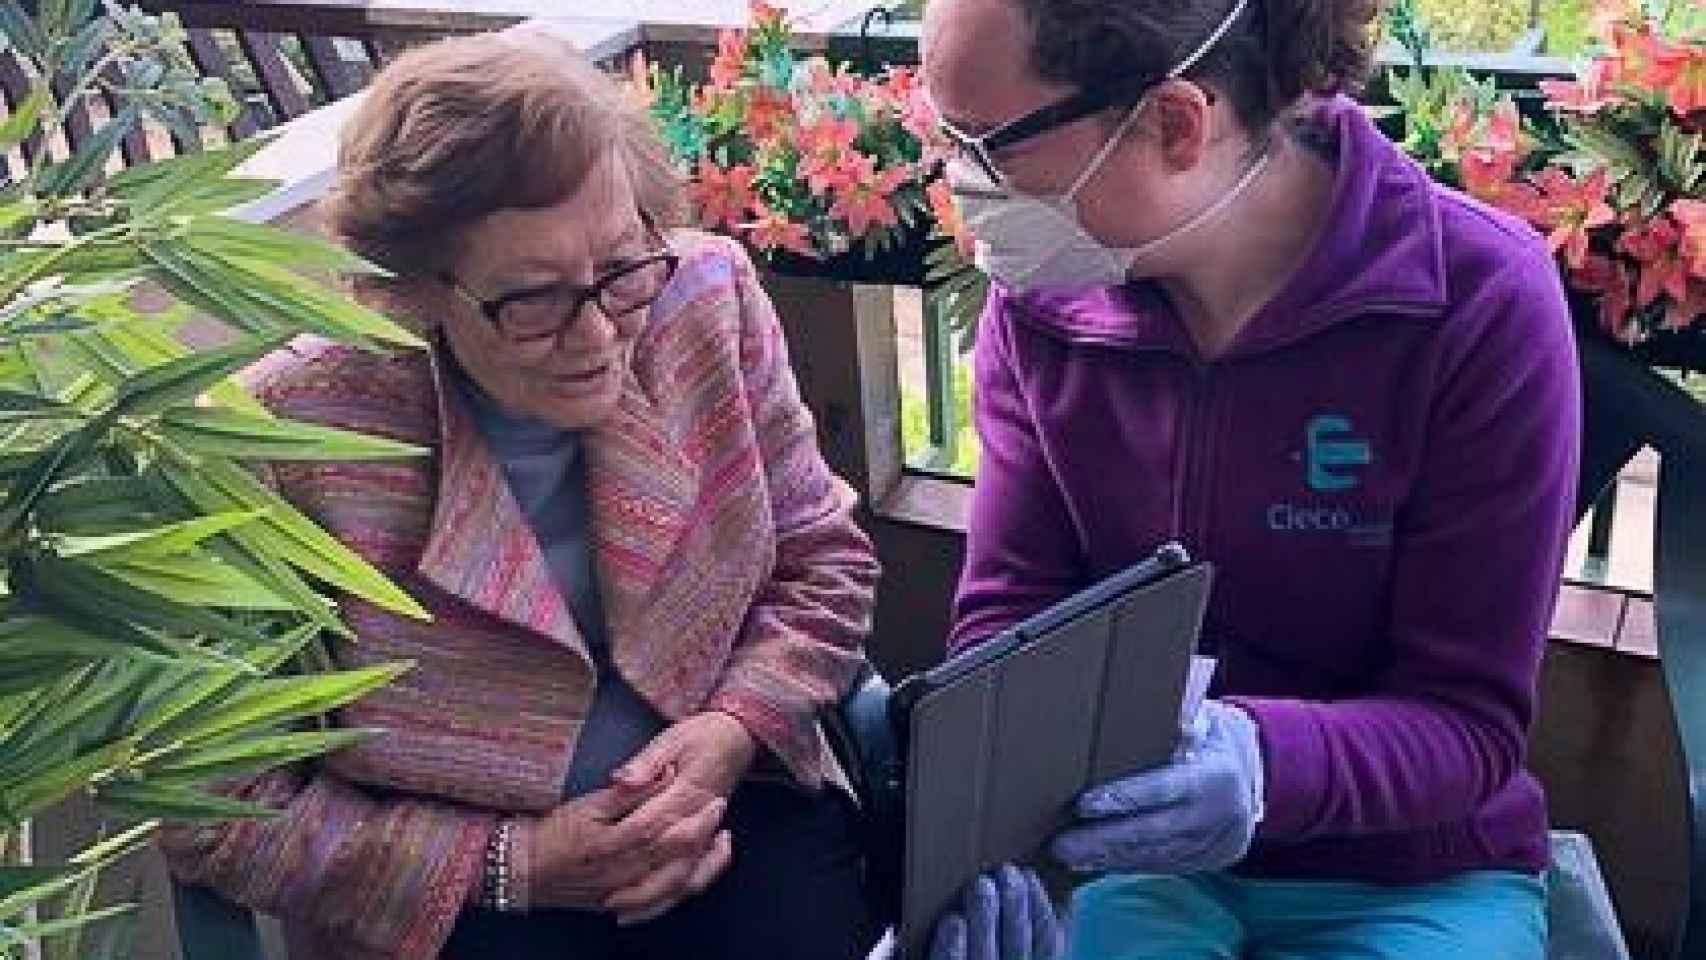 Clece, filial de ACS, ha distribuido 320 tablets en residencias de mayores para facilitar las videollamadas con los familiares.